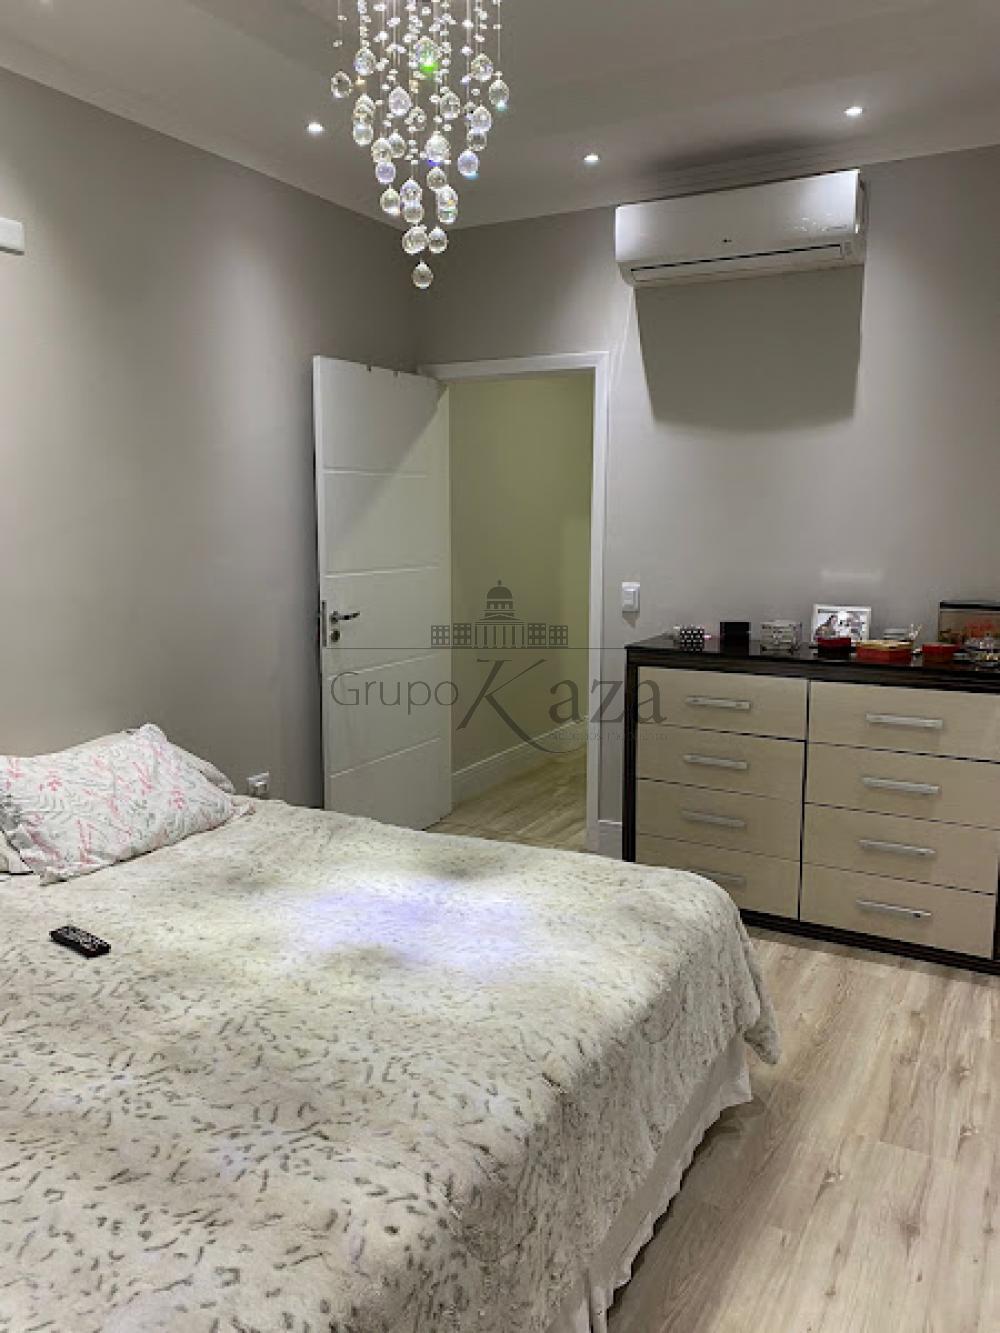 alt='Comprar Casa / Sobrado em São José dos Campos R$ 750.000,00 - Foto 18' title='Comprar Casa / Sobrado em São José dos Campos R$ 750.000,00 - Foto 18'